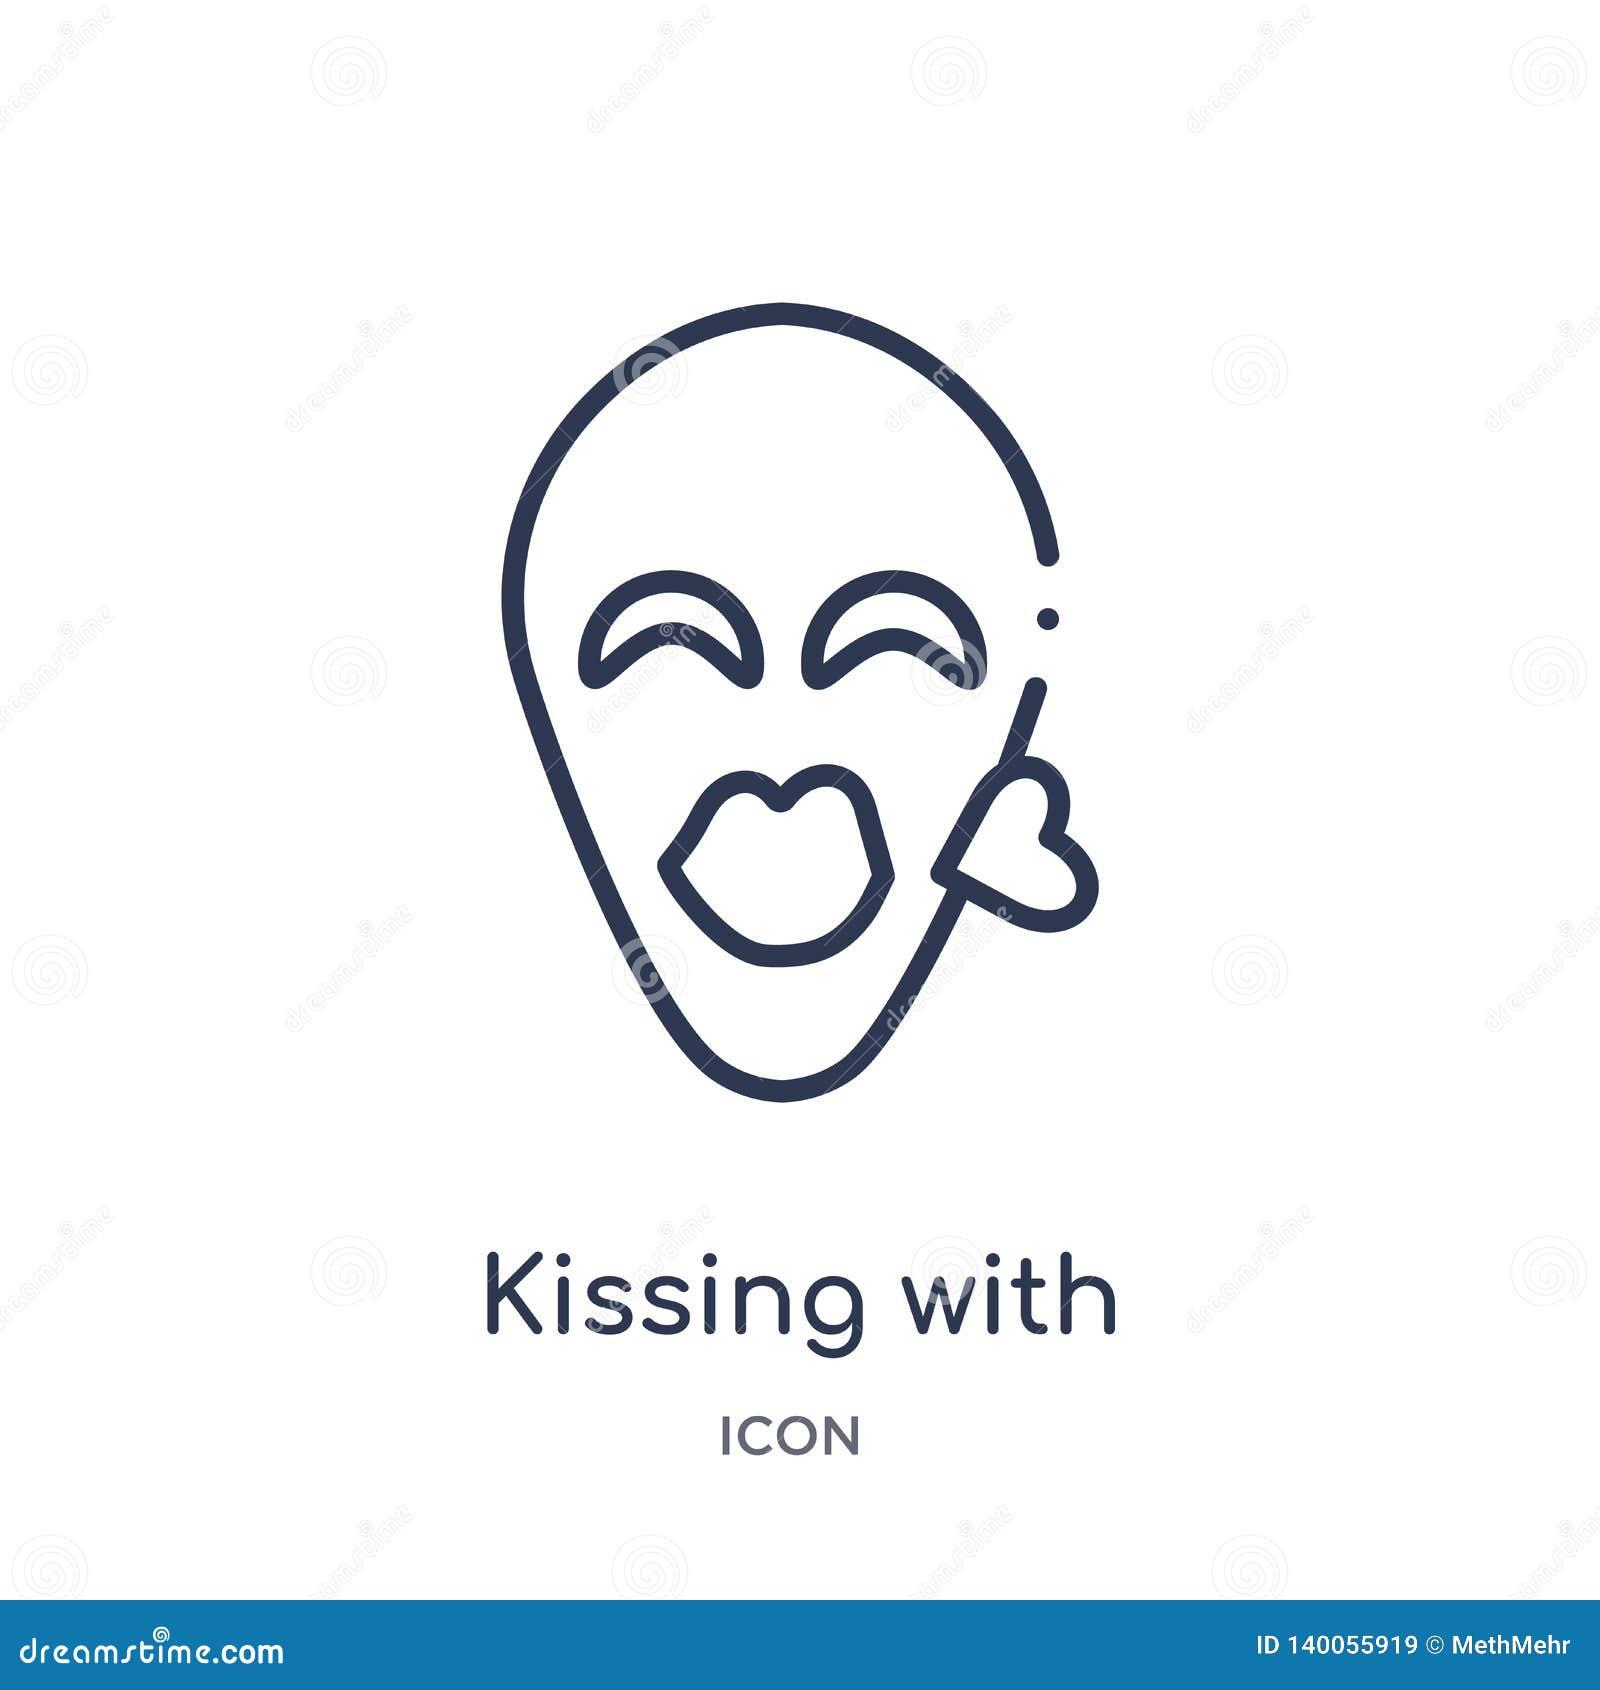 Het lineaire kussen met het gesloten pictogram van ogenemoji van Emoji-overzichtsinzameling Het dunne lijn kussen met de gesloten